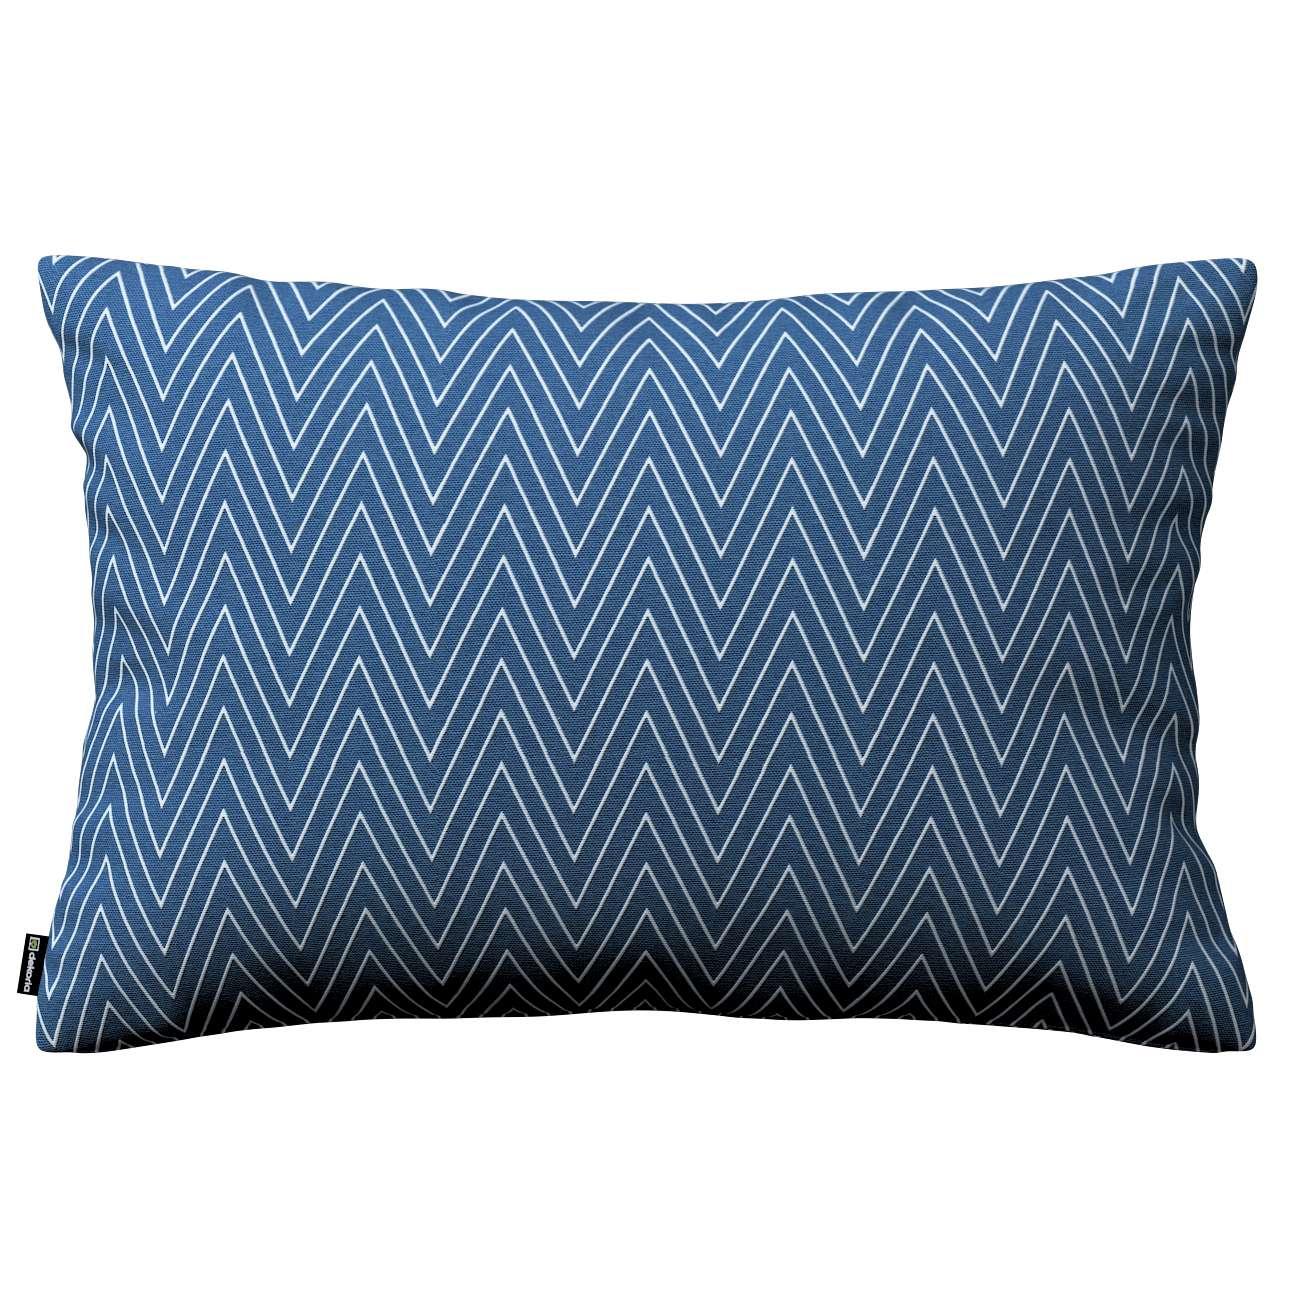 Poszewka Kinga na poduszkę prostokątną 60 x 40 cm w kolekcji Brooklyn, tkanina: 137-88